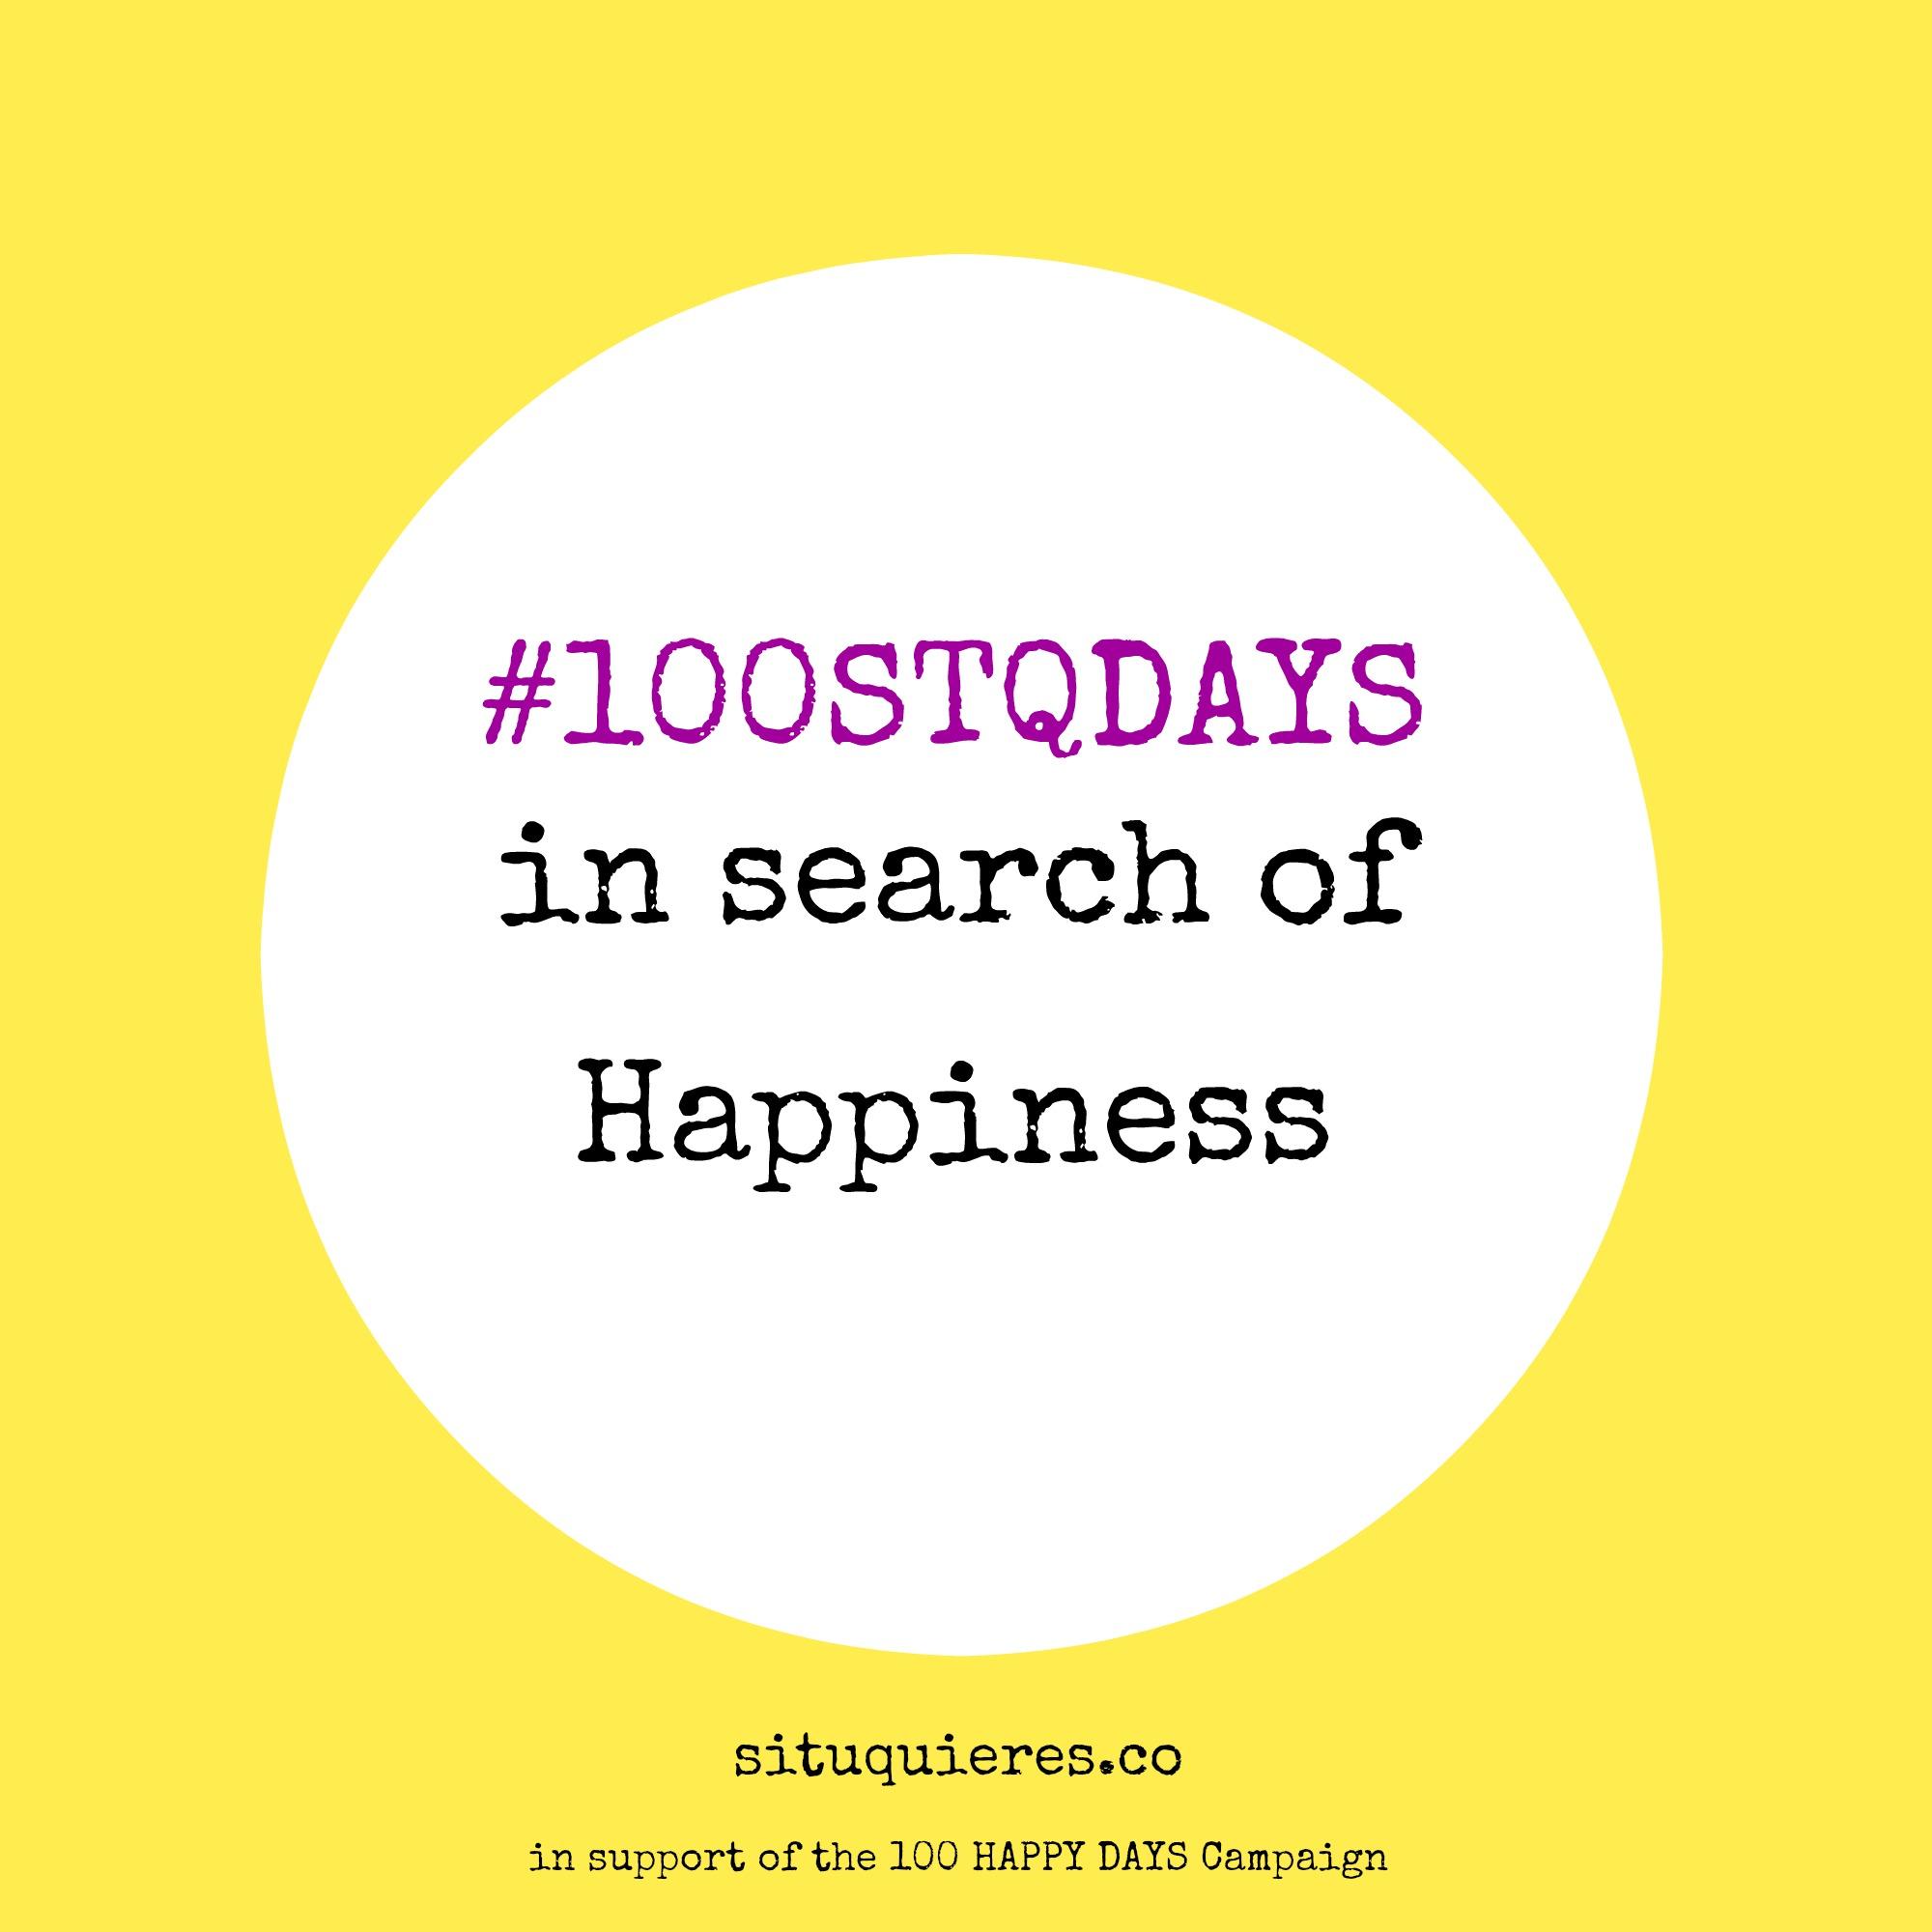 100STQDays